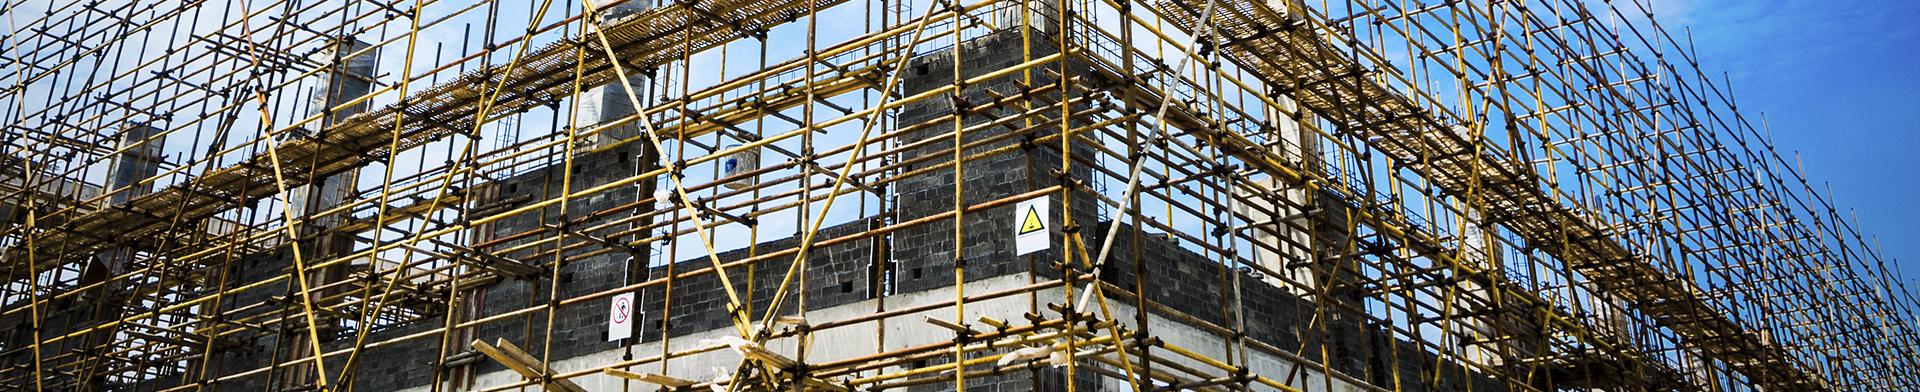 construção civil - construtora ubiratan